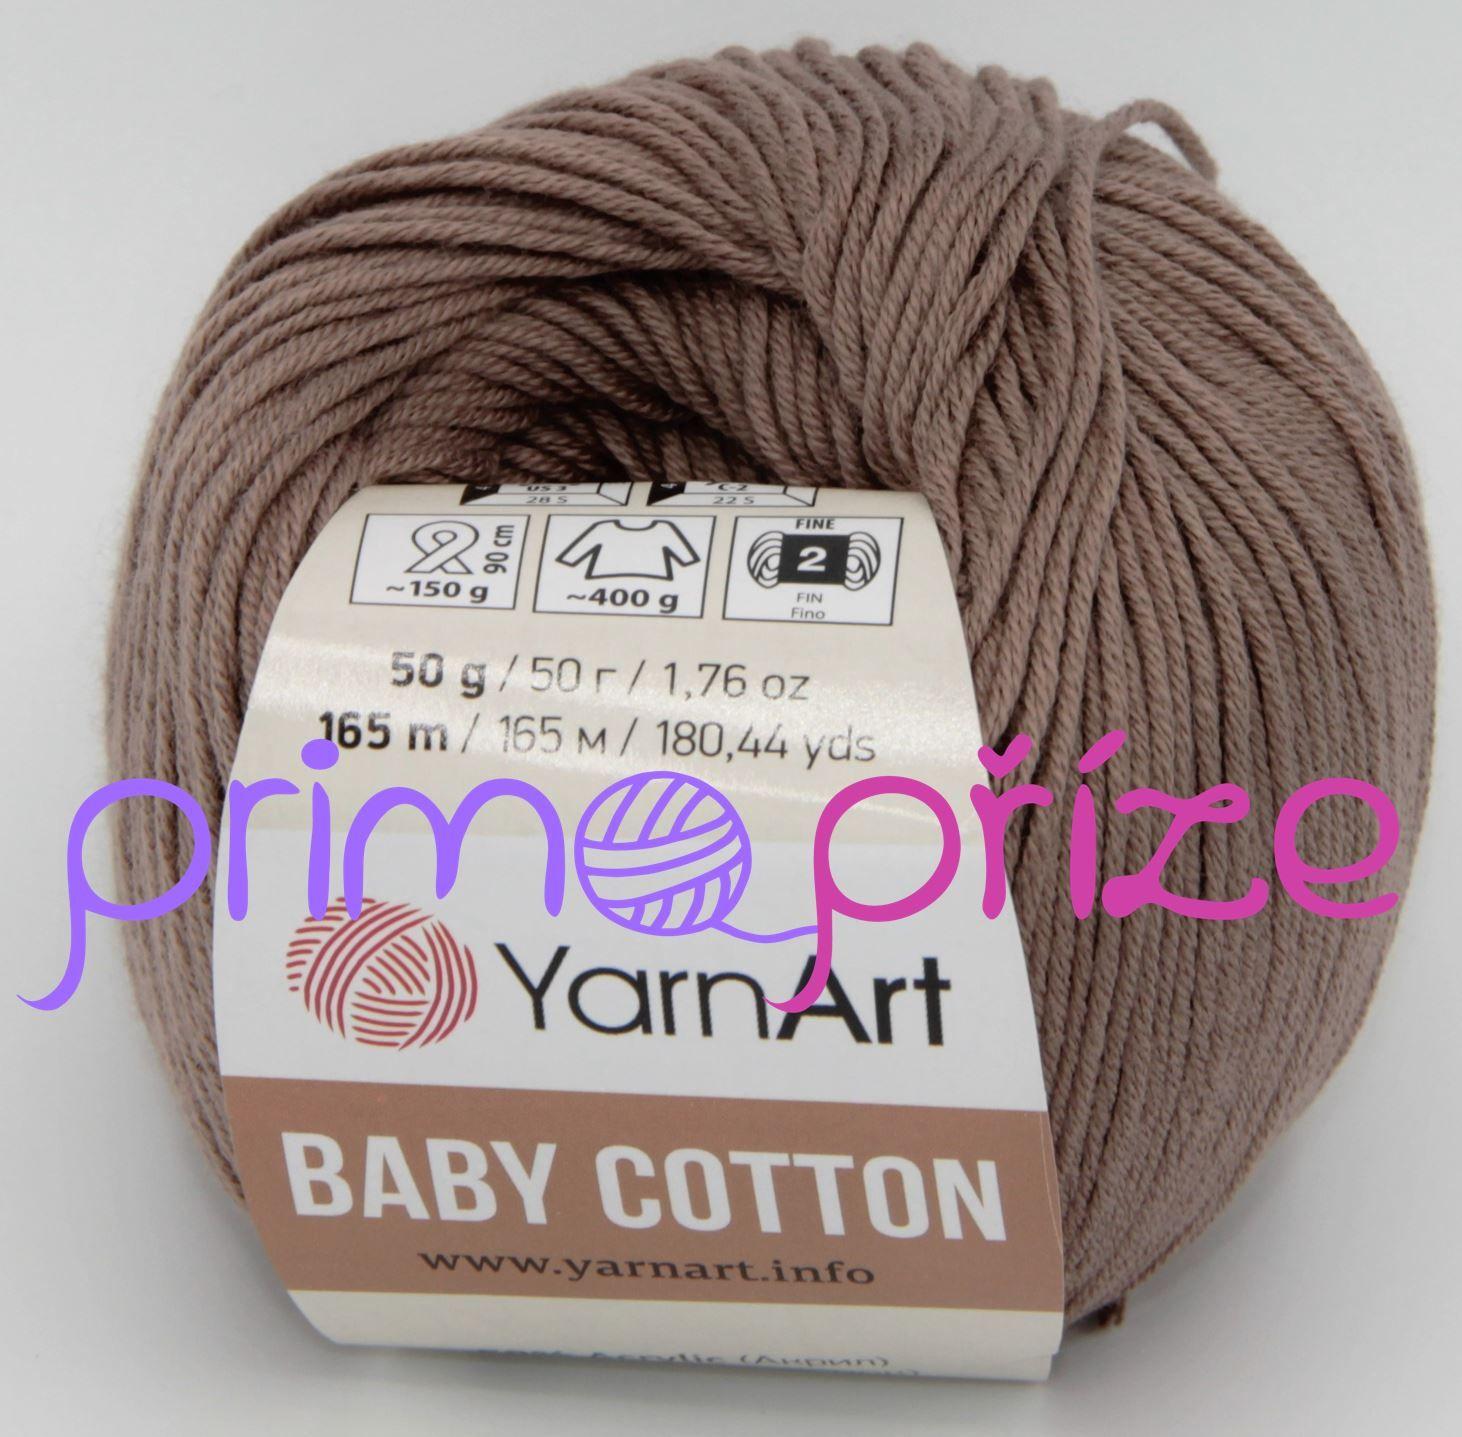 YarnArt Baby Cotton 407 hnědobéžová